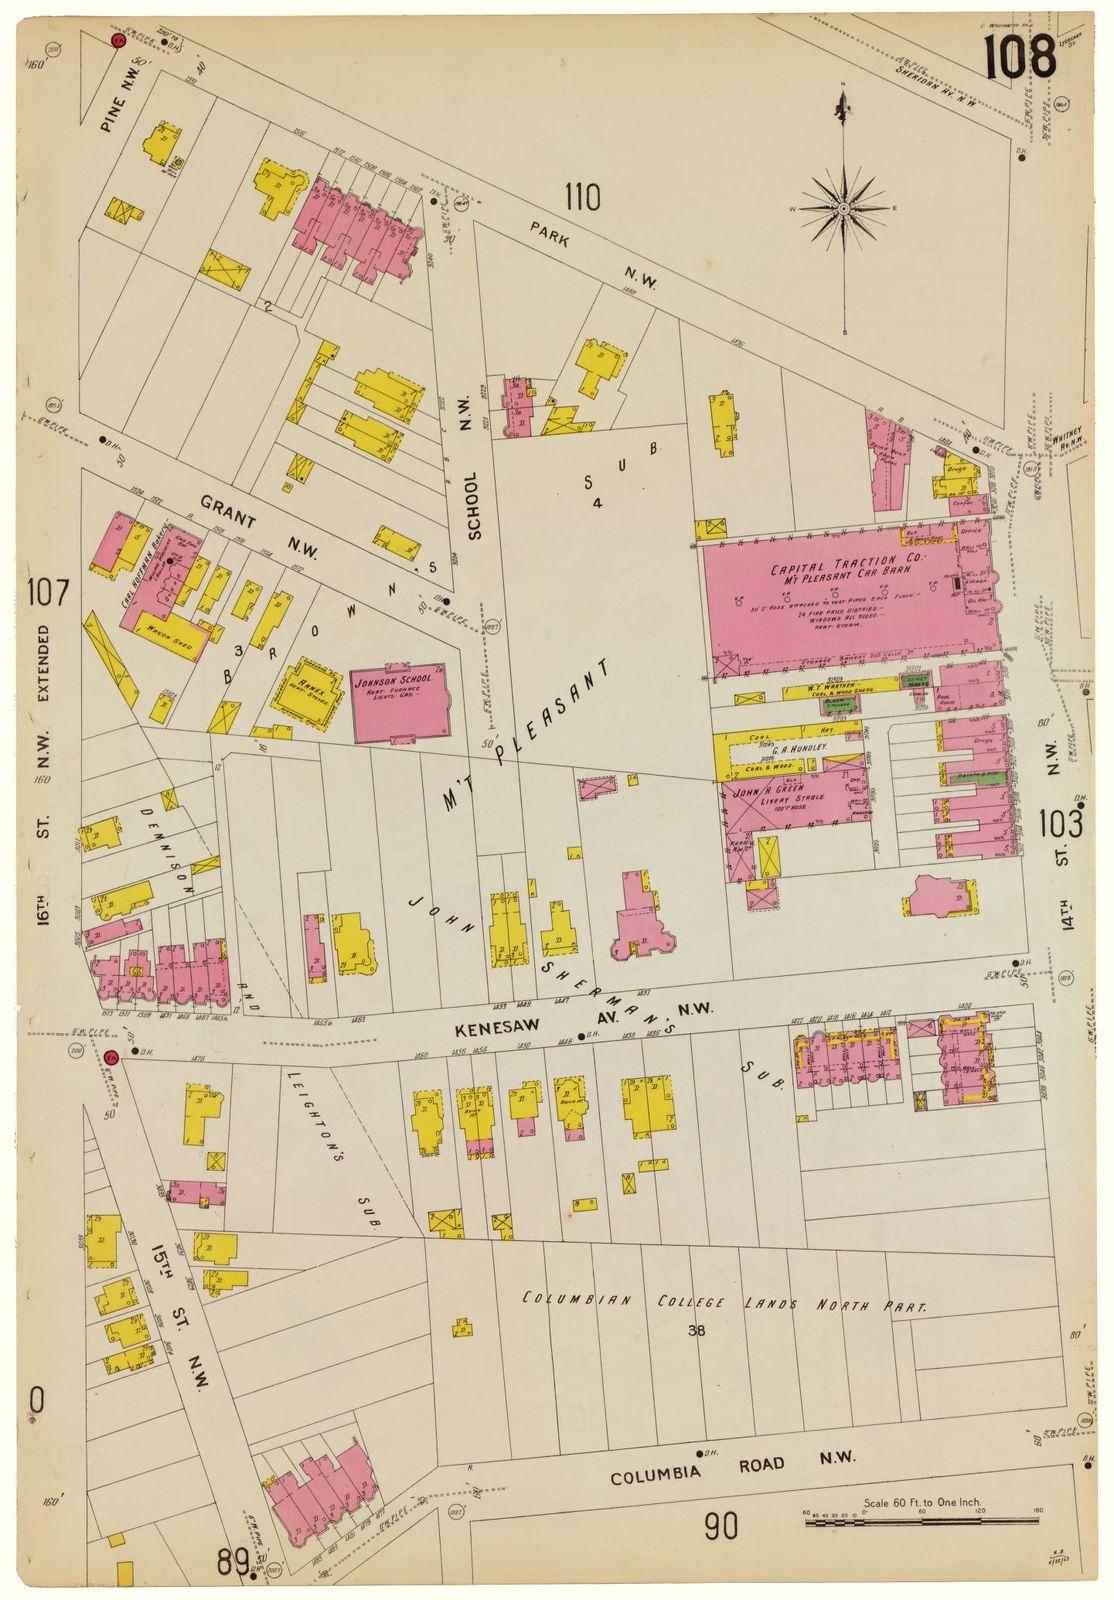 Sanborn Fire Insurance Map from Washington, District of Columbia, District of Columbia.